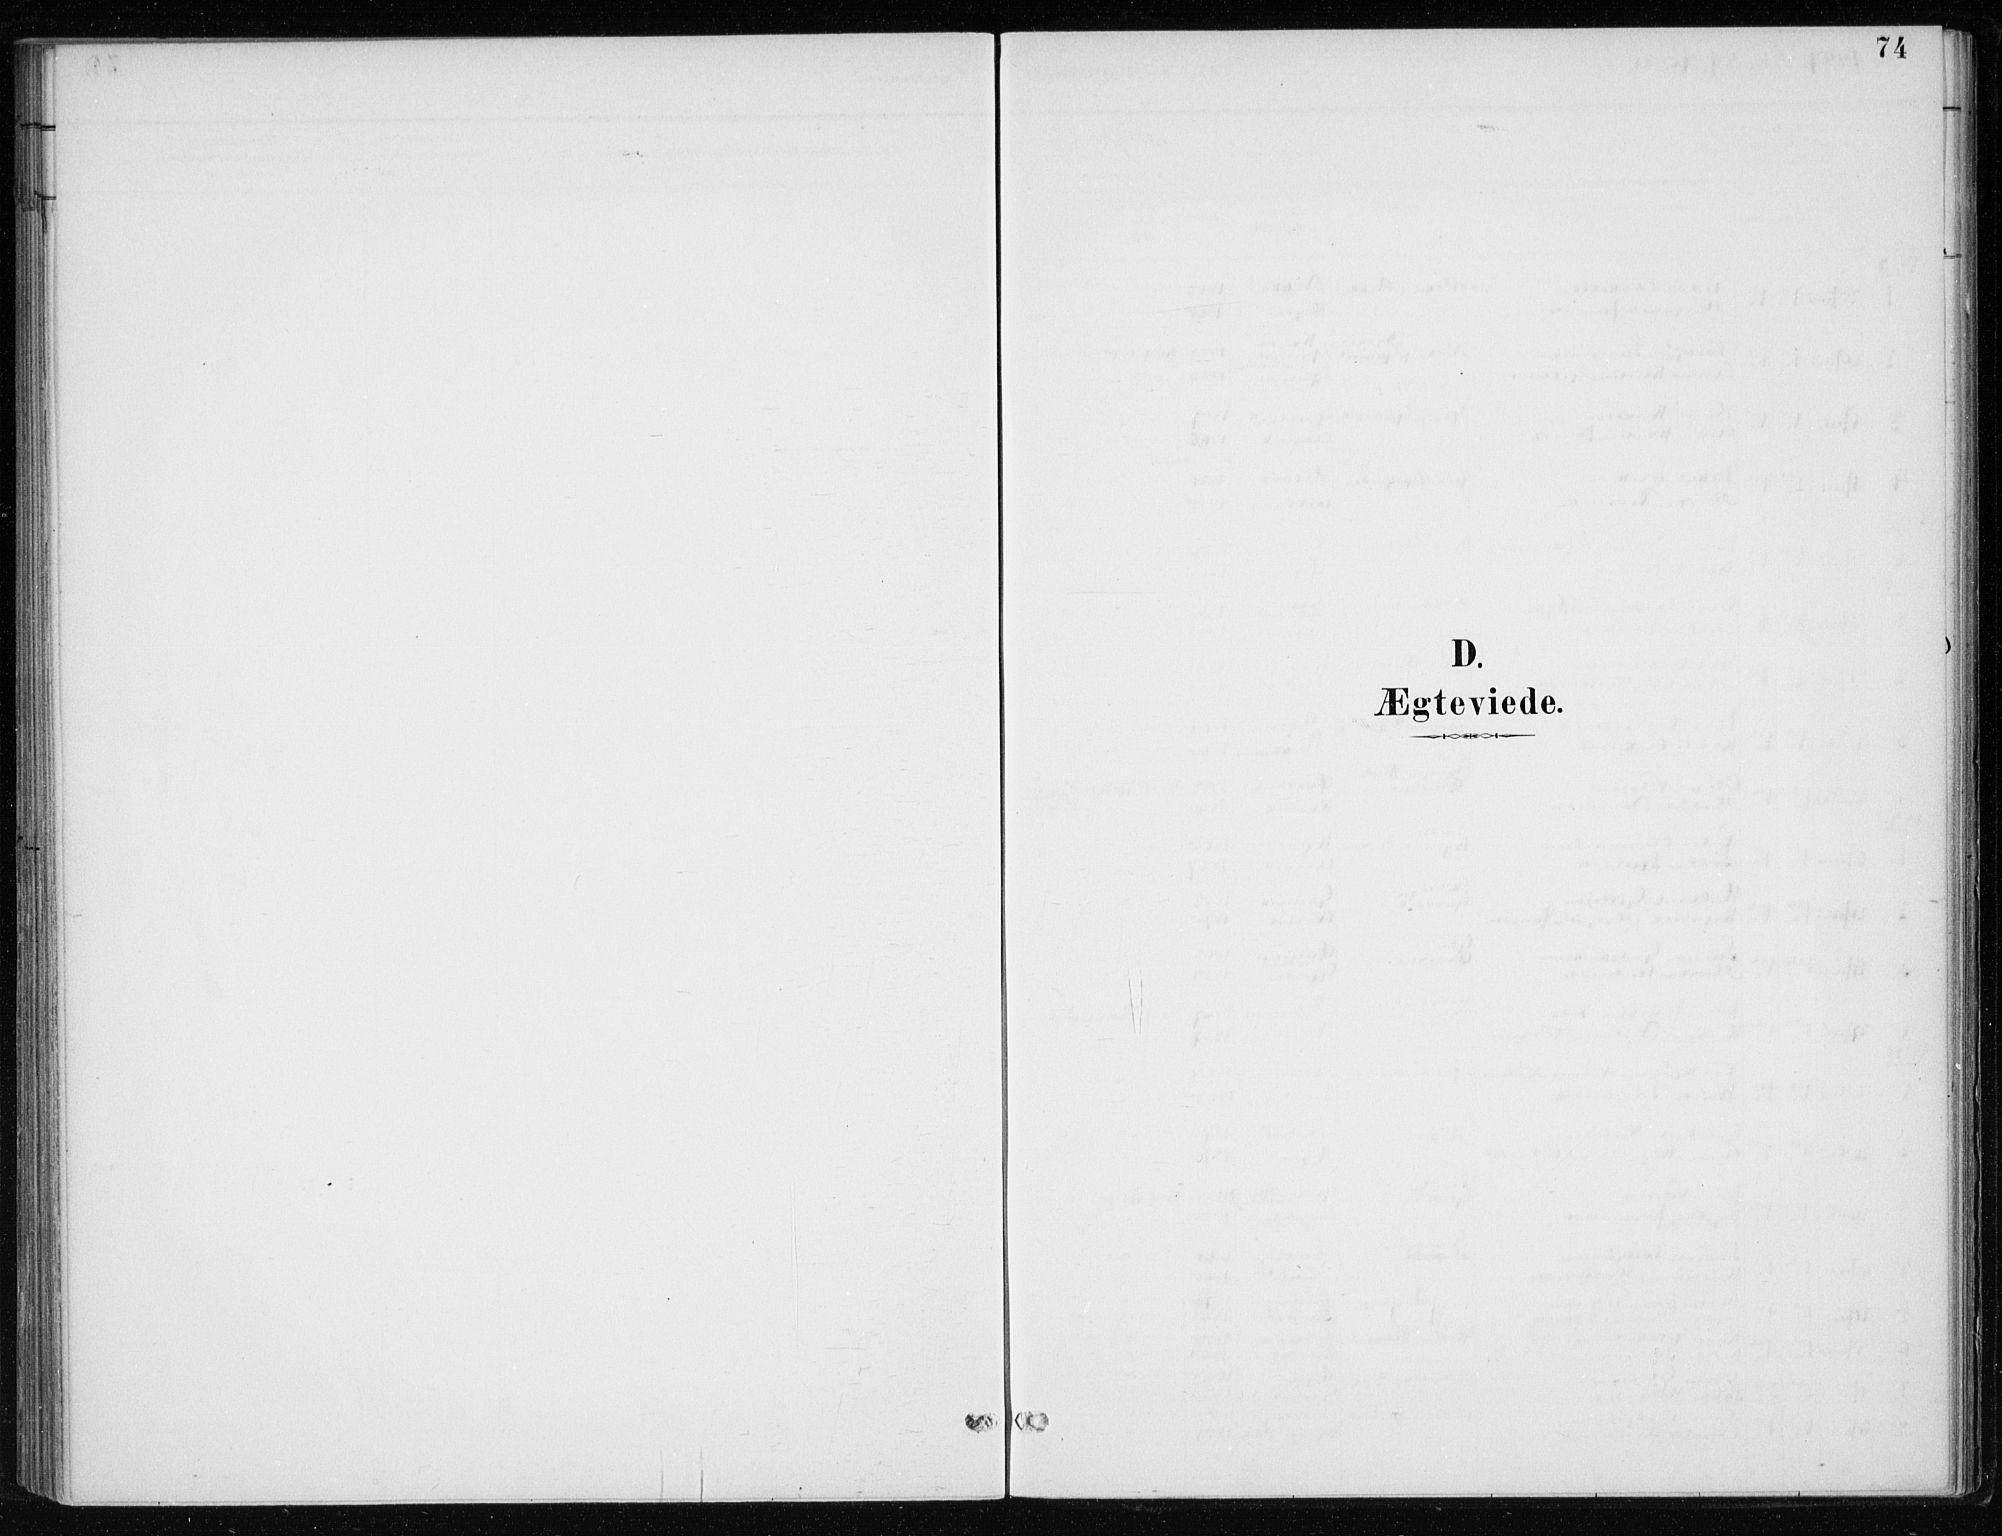 SAB, Kvinnherad Sokneprestembete, H/Haa: Ministerialbok nr. F 1, 1887-1912, s. 74